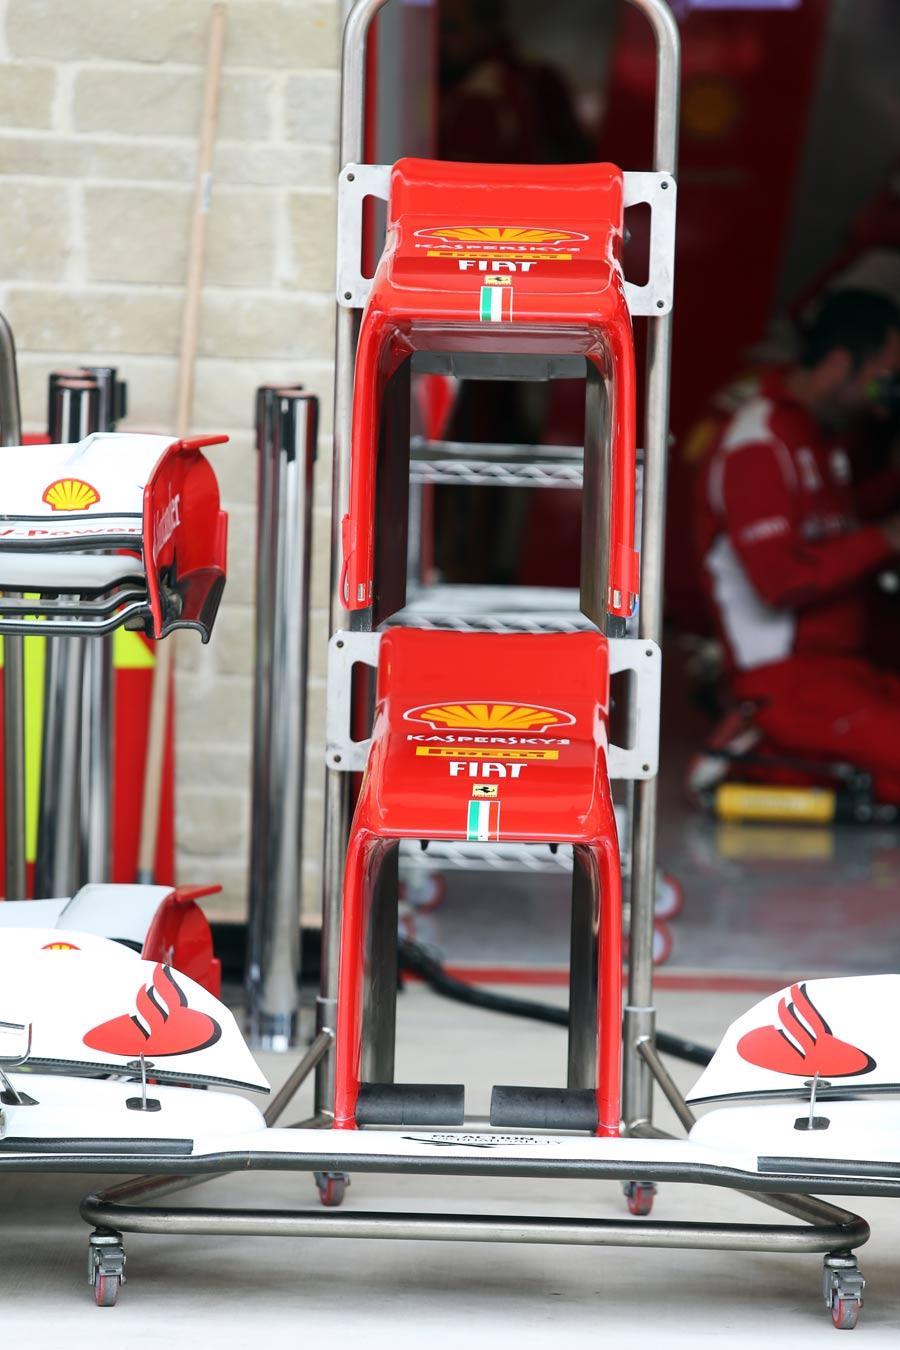 Ferrari nosecones in the Austin pit lane